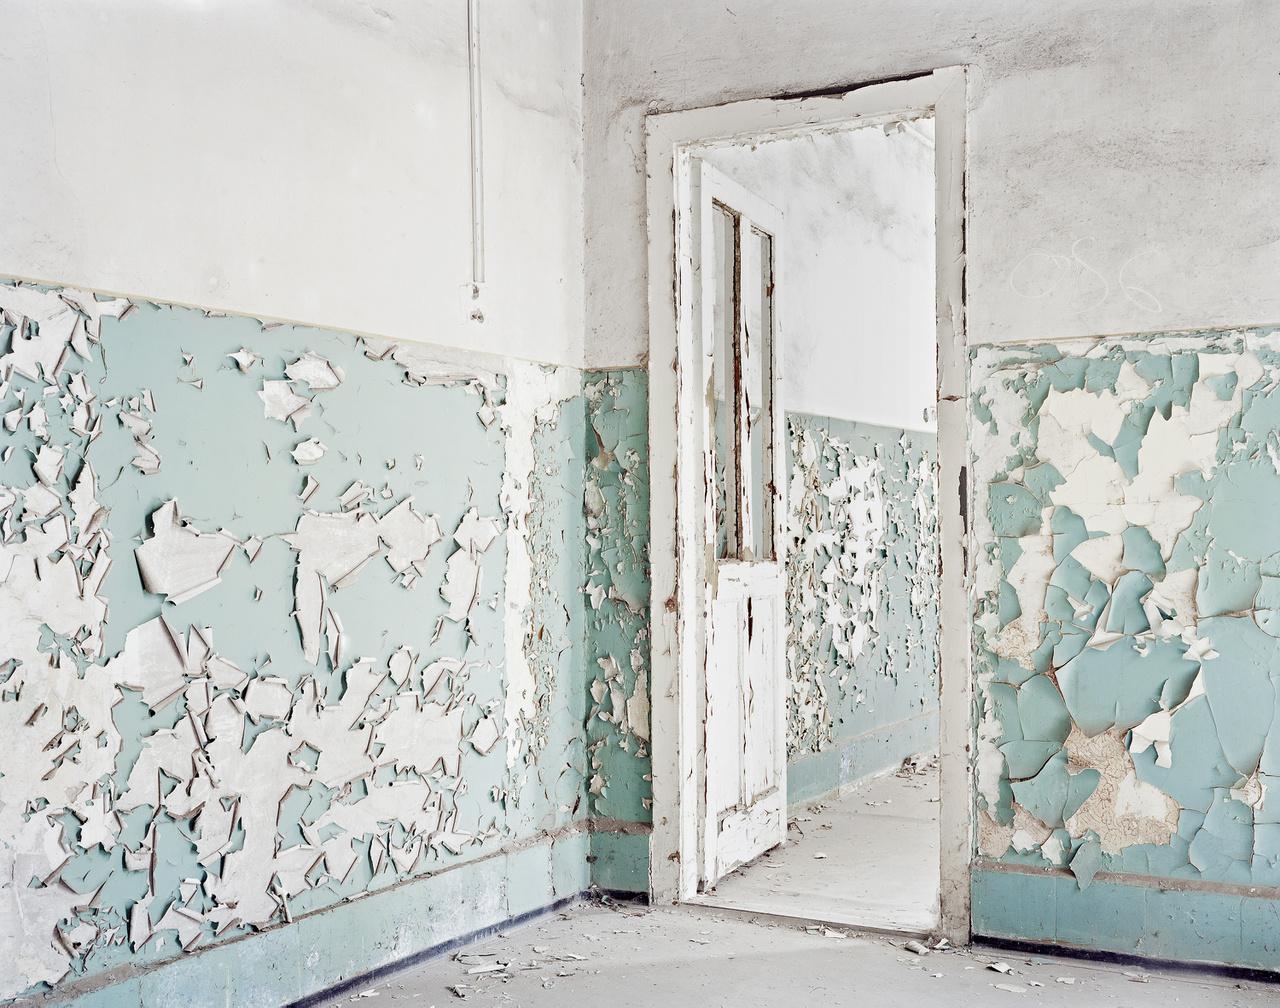 """Részlet a Kistarcsai Internálótáborból.1949 tavaszán a Buda-déli internálótábor foglyait átköltöztették Kistarcsára. Ettől fogva ez lett a központi internáló- és gyűjtőtábor. 1950. május 5-én az Államvédelmi Hatóság elfoglalta a tábort. Minden ablakot bemeszeltek, a """"szabad"""" mozgást pedig betiltották a tábor területén. Kistarcsán az öt férfi és egy női """"ezred"""" létszáma 2–3000 fő között mozgott. Ágyak hiányában a földön, matracokon vagy pokrócokon aludtak, egy személyre 50–60 centiméter jutott. A parancsnoksági épület mellett állt a régi ütött-kopott fogdaépület."""